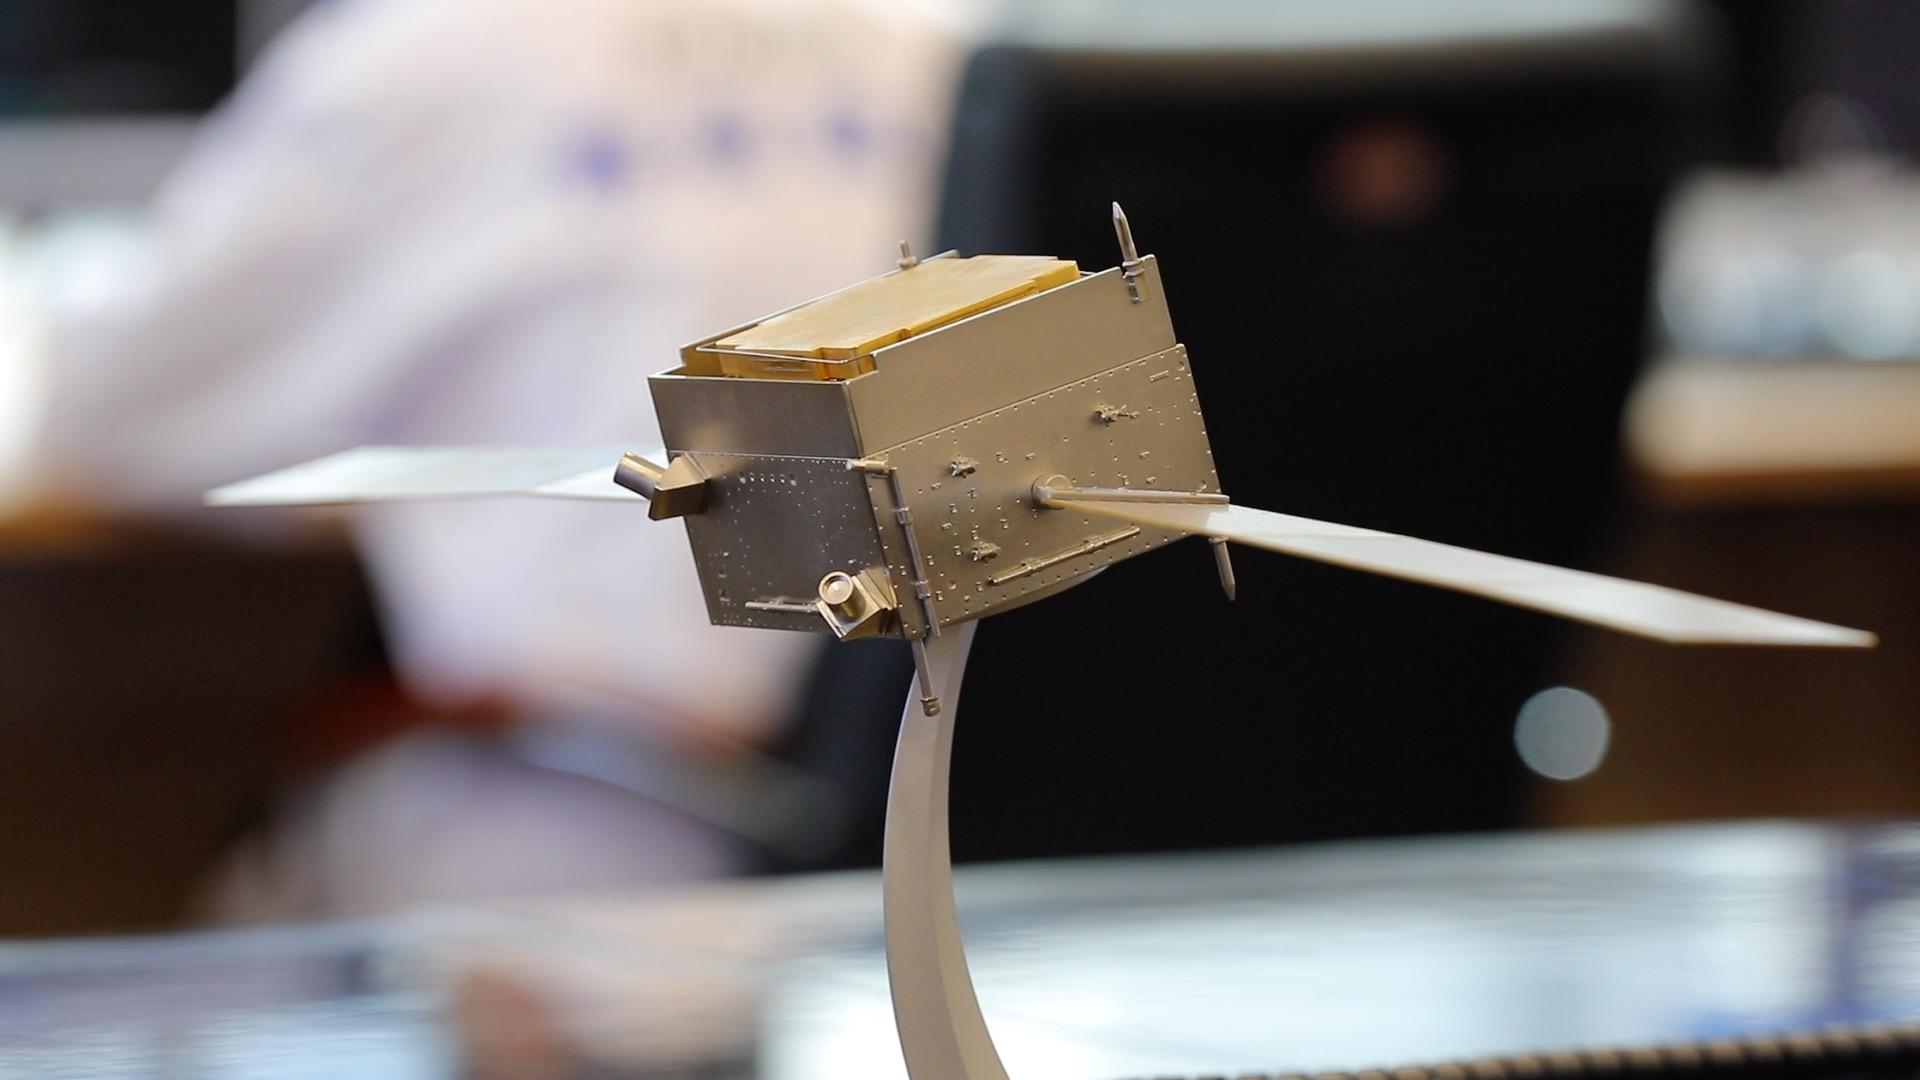 中国、暗黒物質探査衛星「悟空」による新たな成果を発表